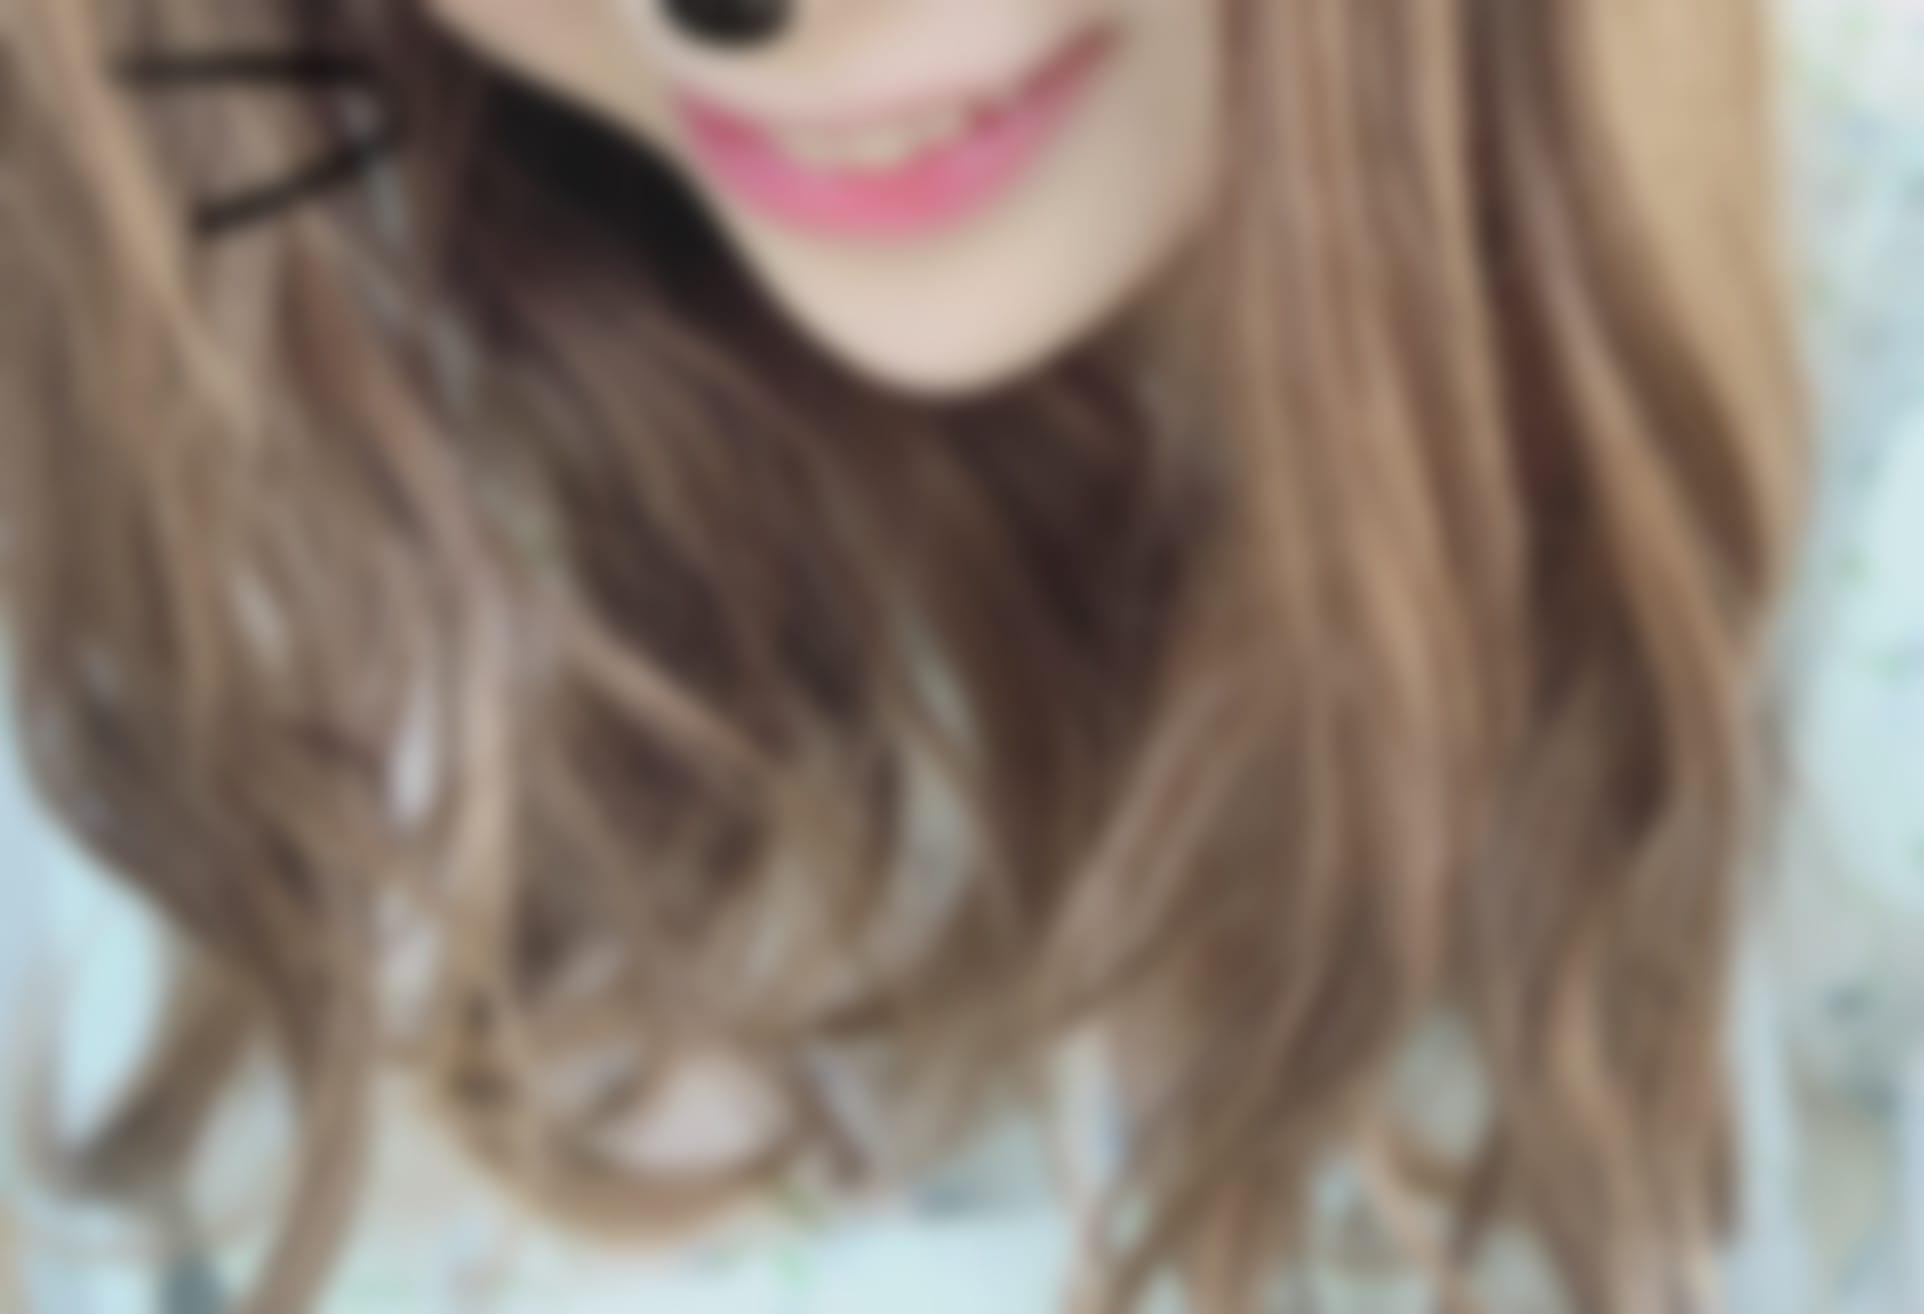 こころ(ここぴー)「こんにちは☔︎」04/23(月) 10:06 | こころ(ここぴー)の写メ・風俗動画